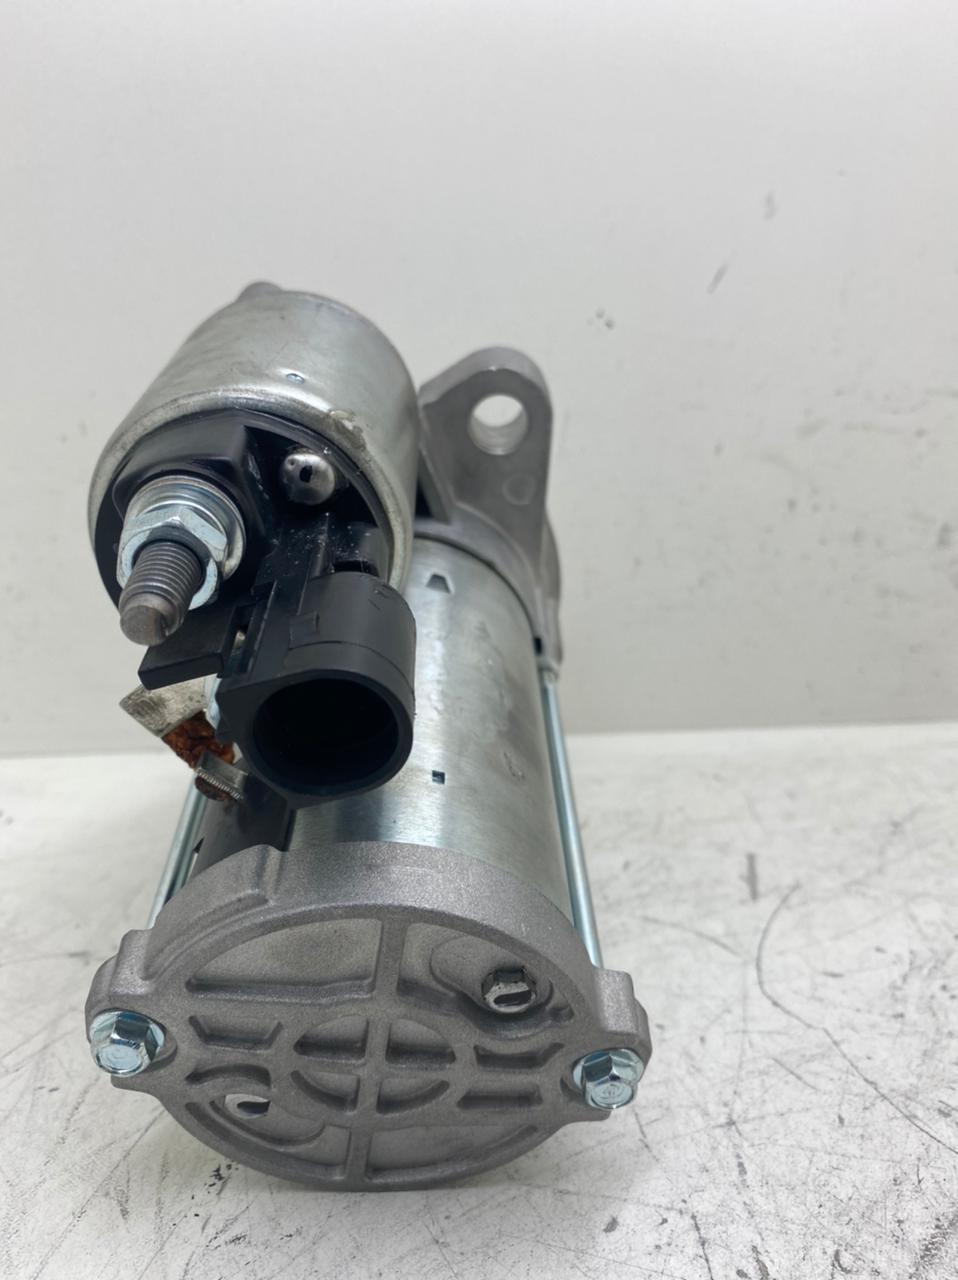 MOTOR DE PARTIDA ARRANQUE VW UP FOX 1.0 SAVEIRO CROSS GOLF JETTA PASSAT GOL 12V 13D 0001177008 0001177009 02M911021C 02M911021F 02M911024R BC4380000920 E 20548 D 20312 AEC11017